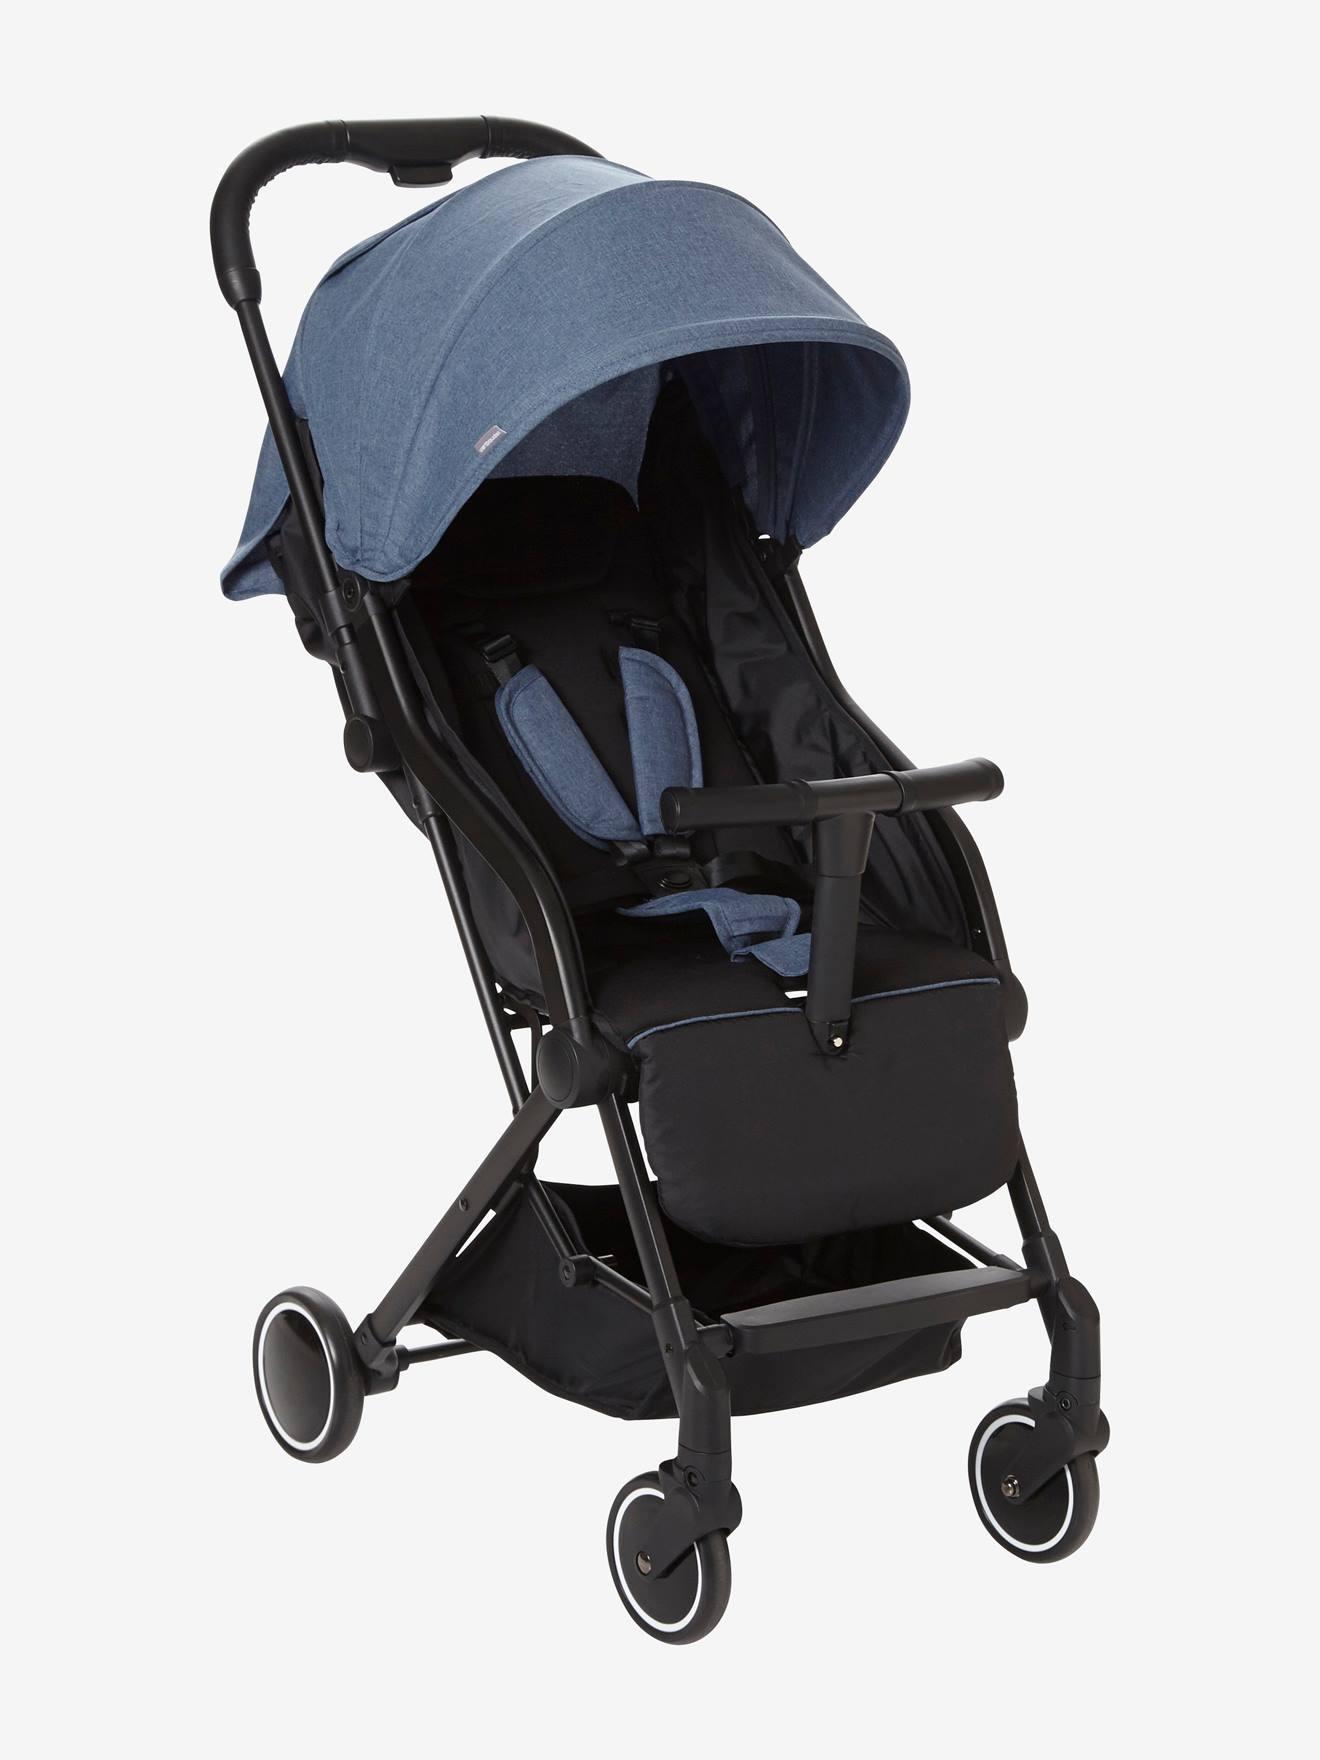 Carrinho de bebé citadino vertbaudet Microcity azul medio mesclado